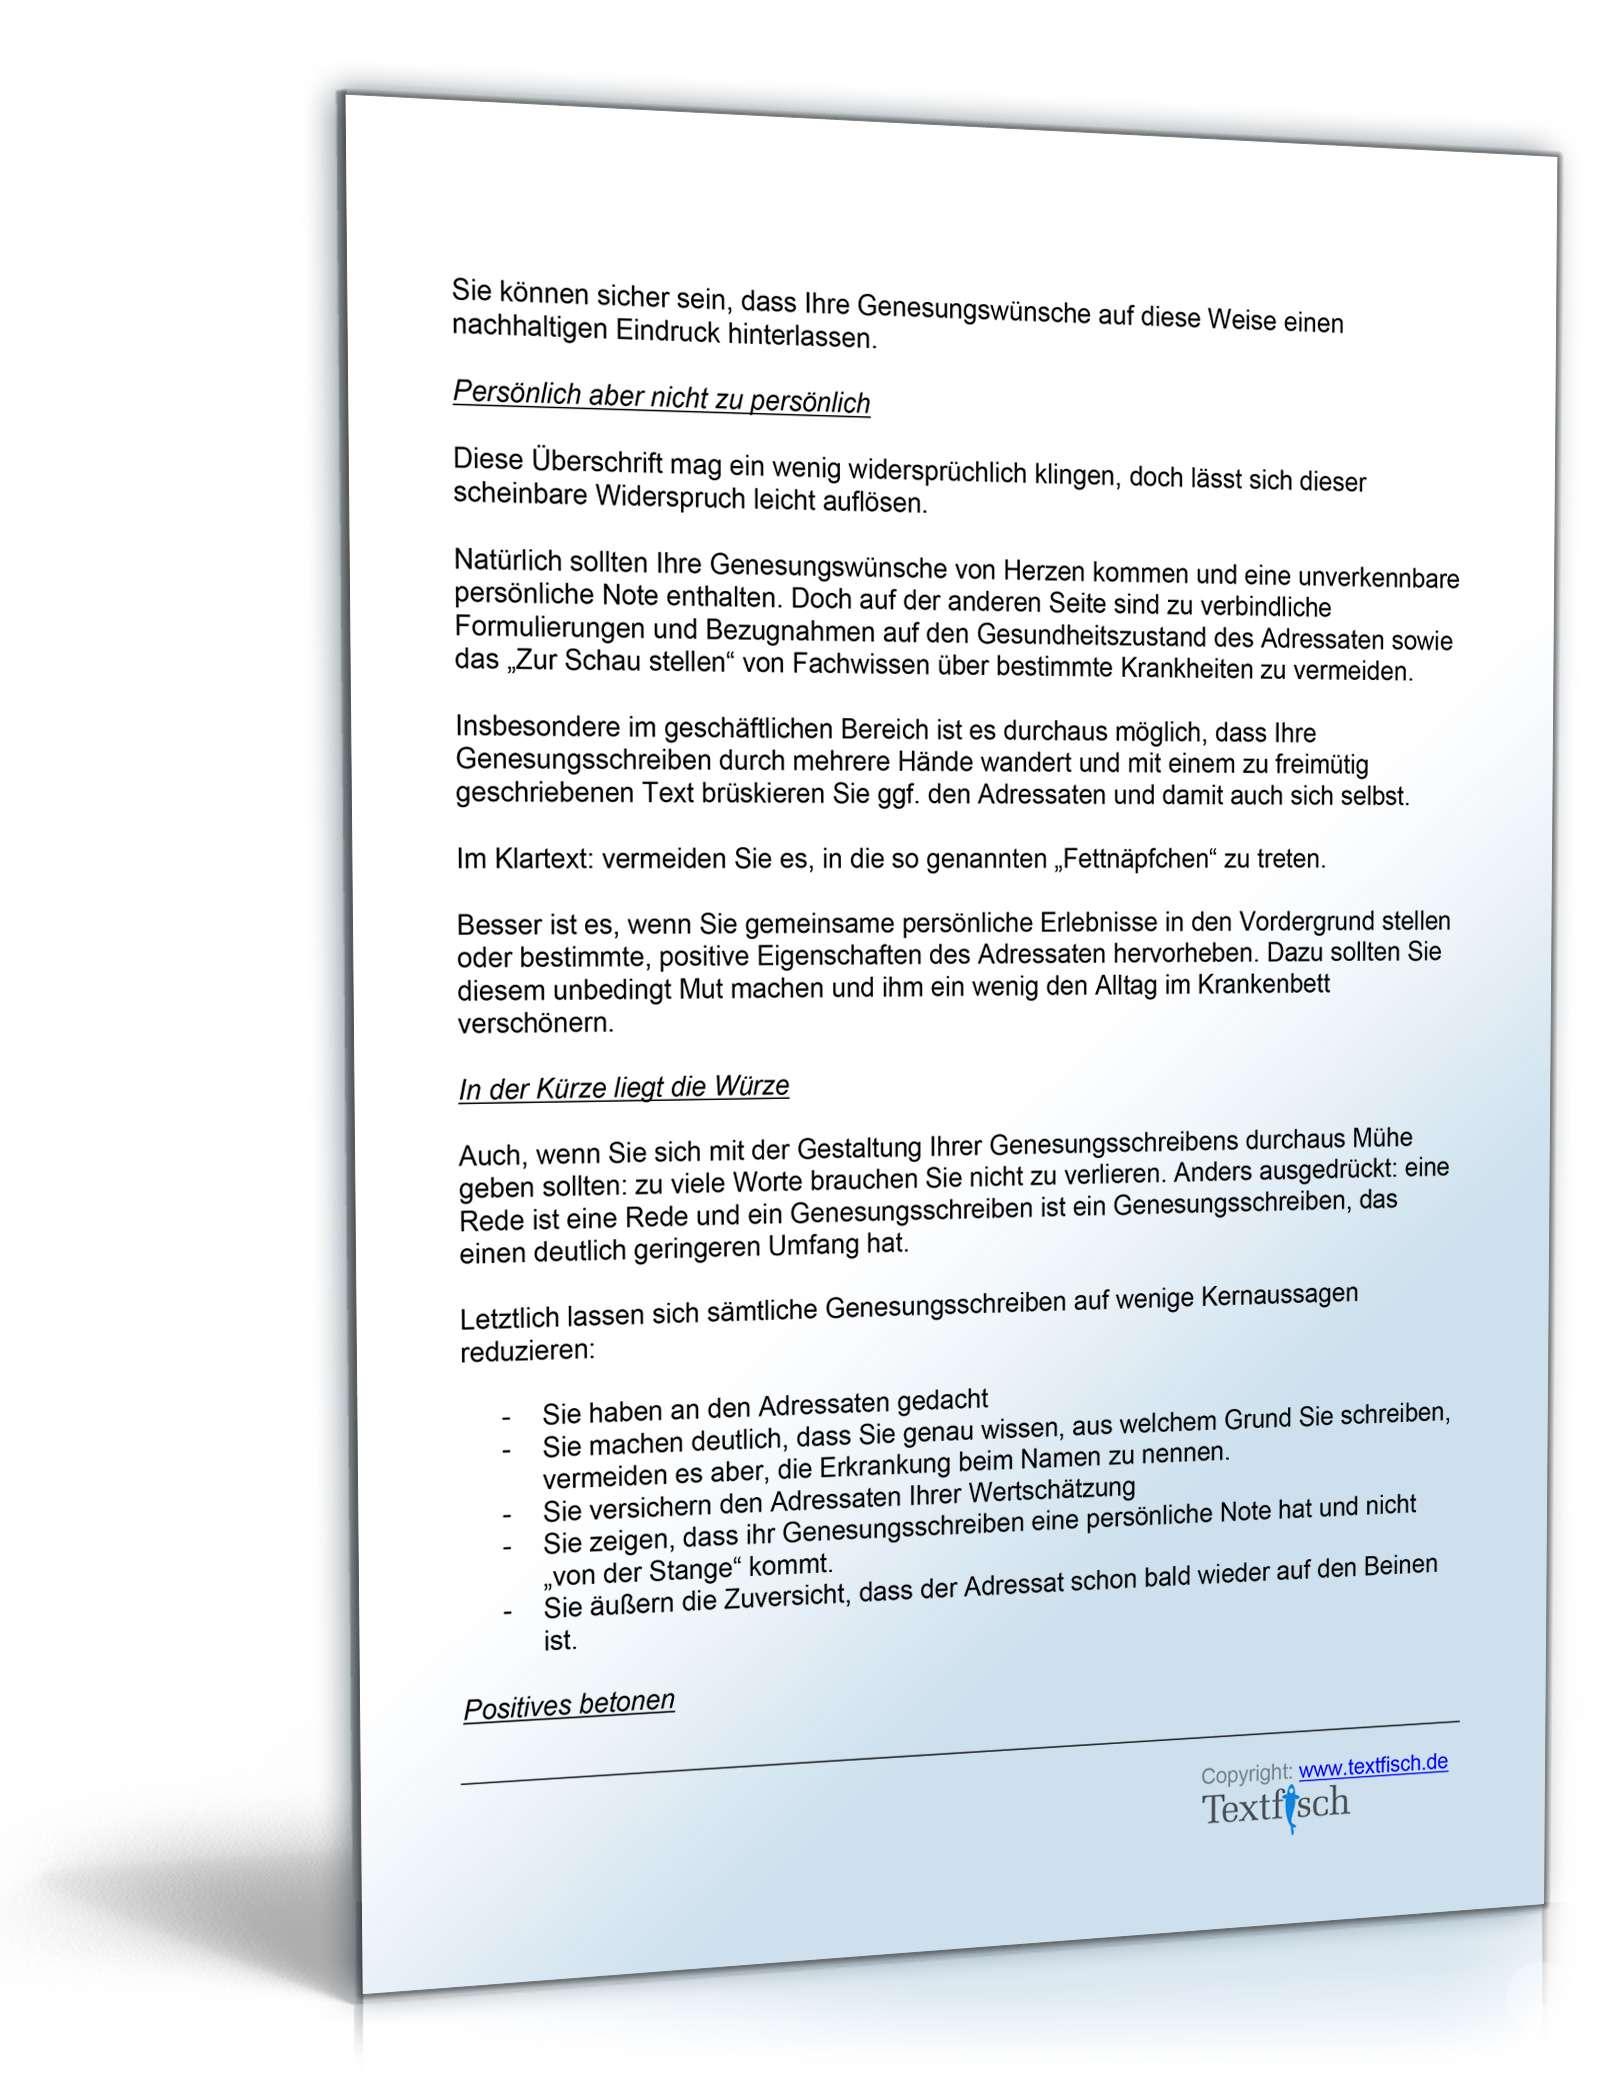 Genesungsbrief Privat - Musterbrief als DOC zum Download